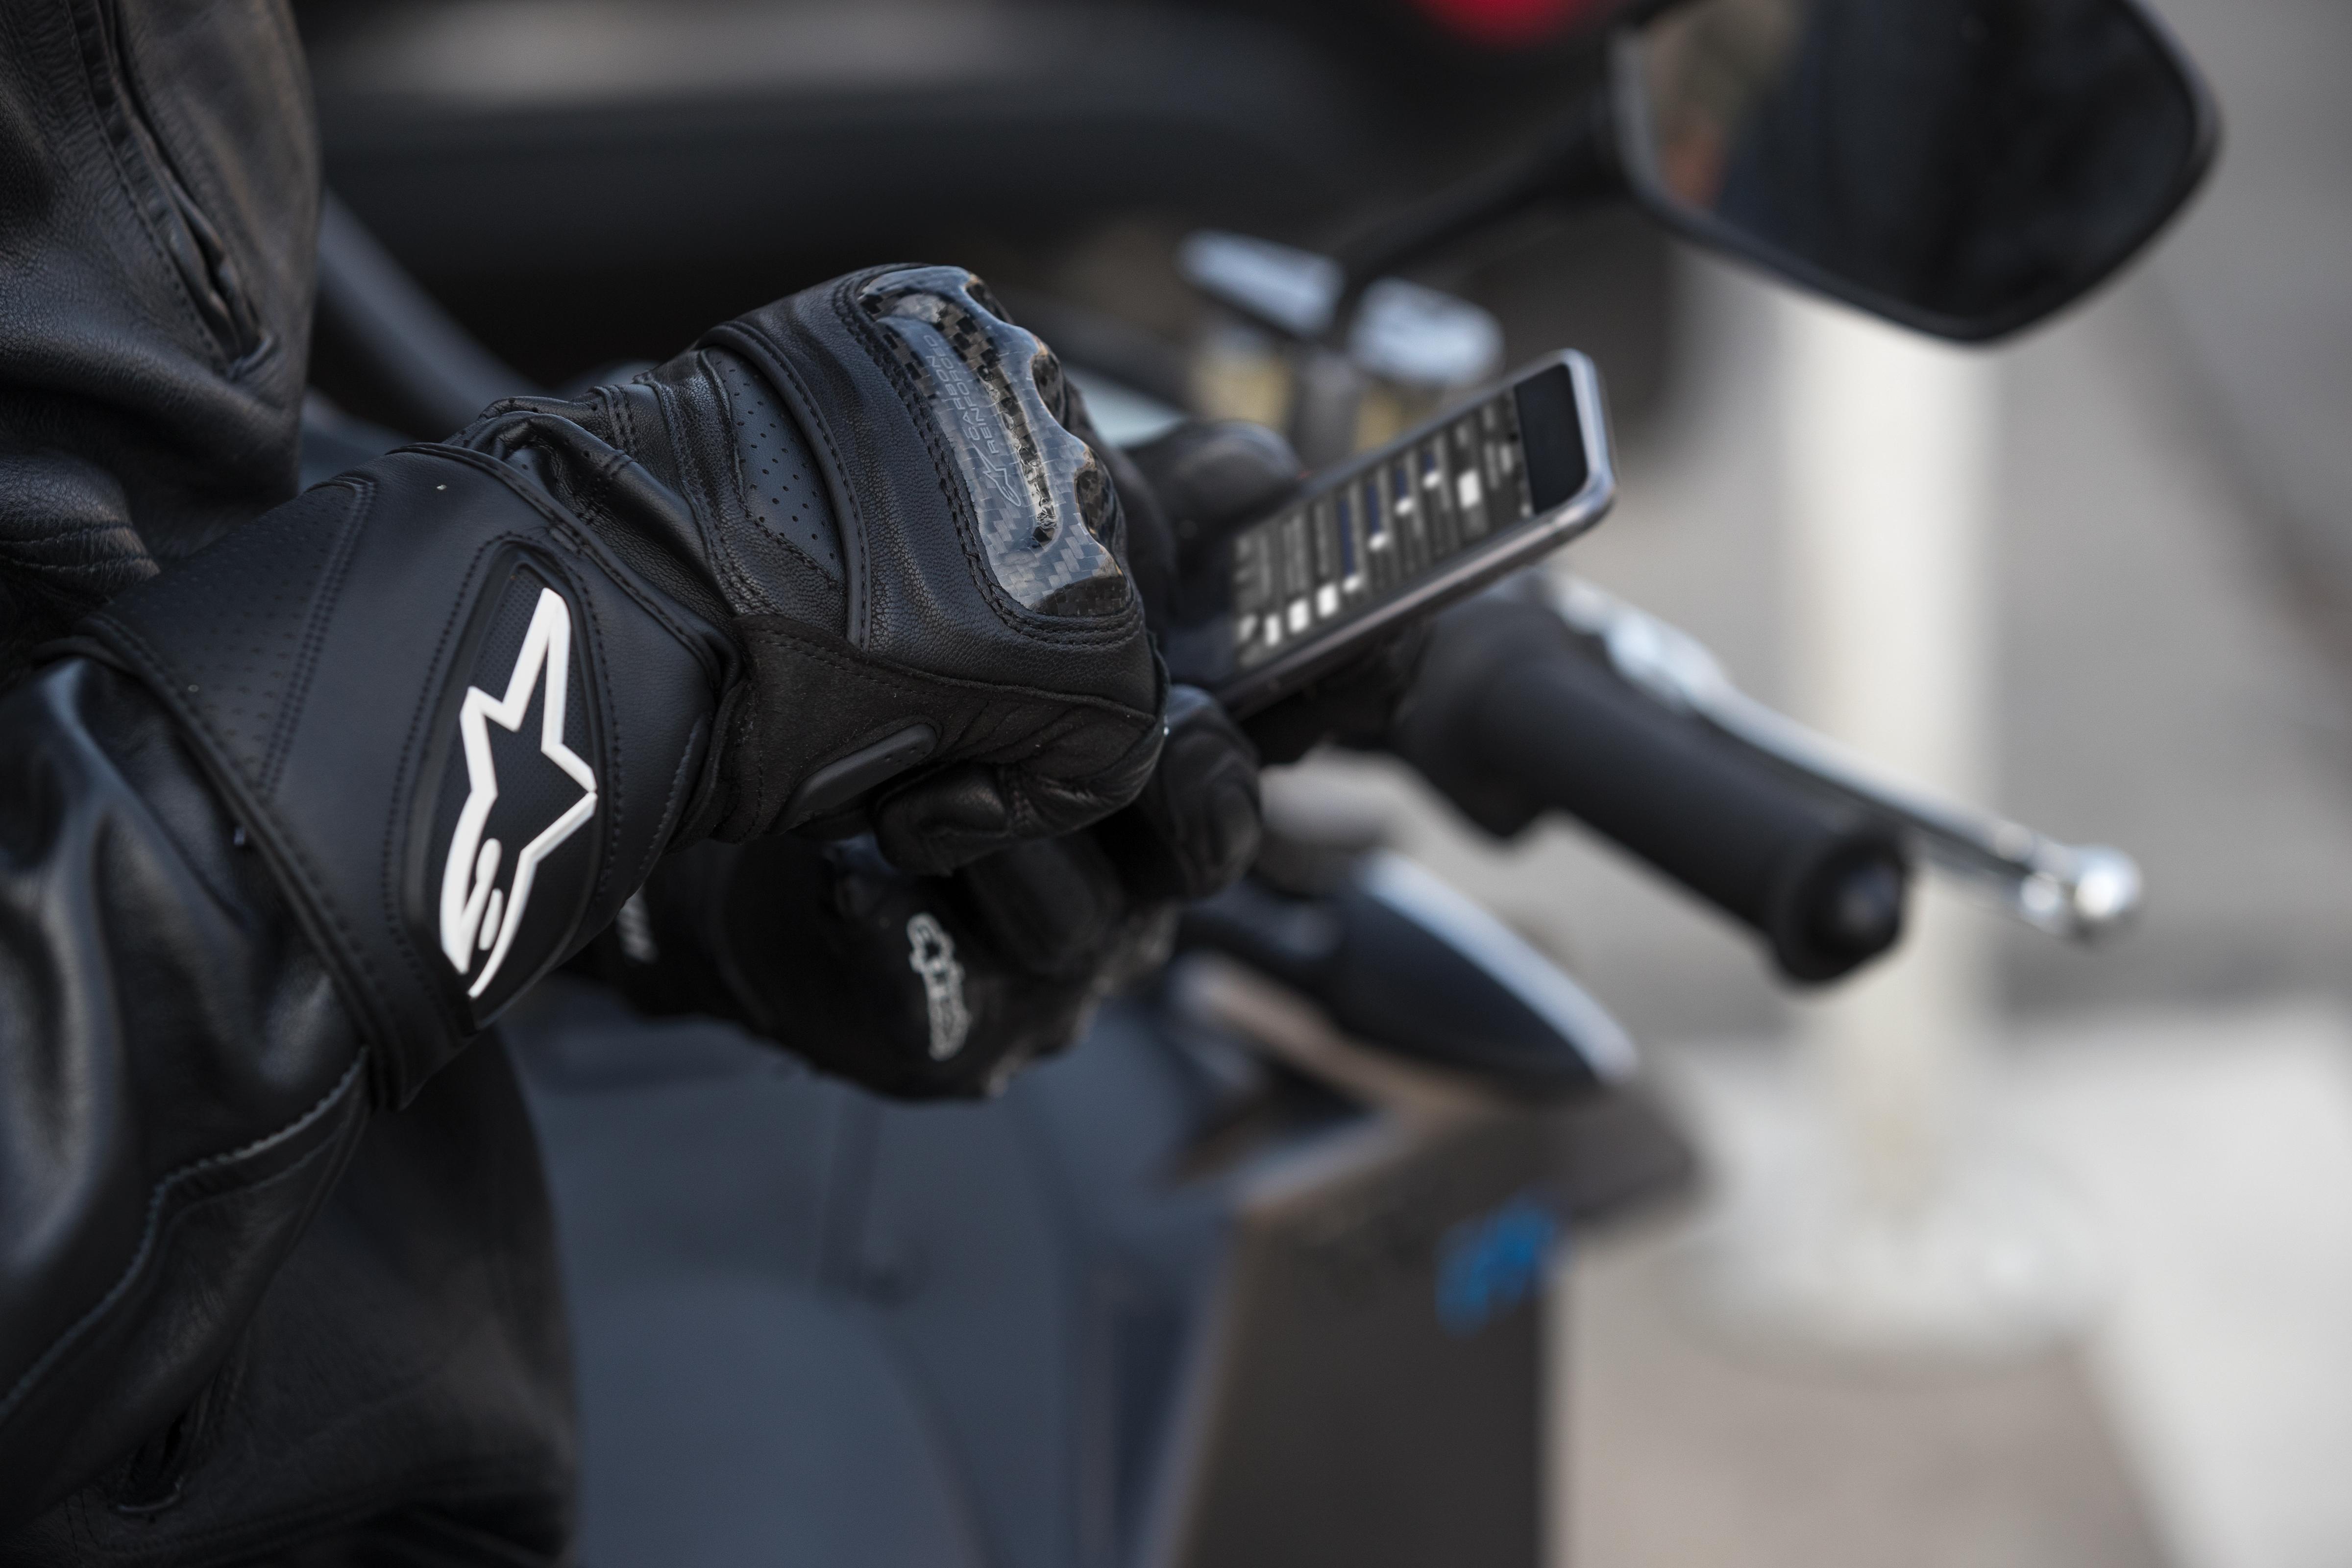 2018 Zero Motorcycles: